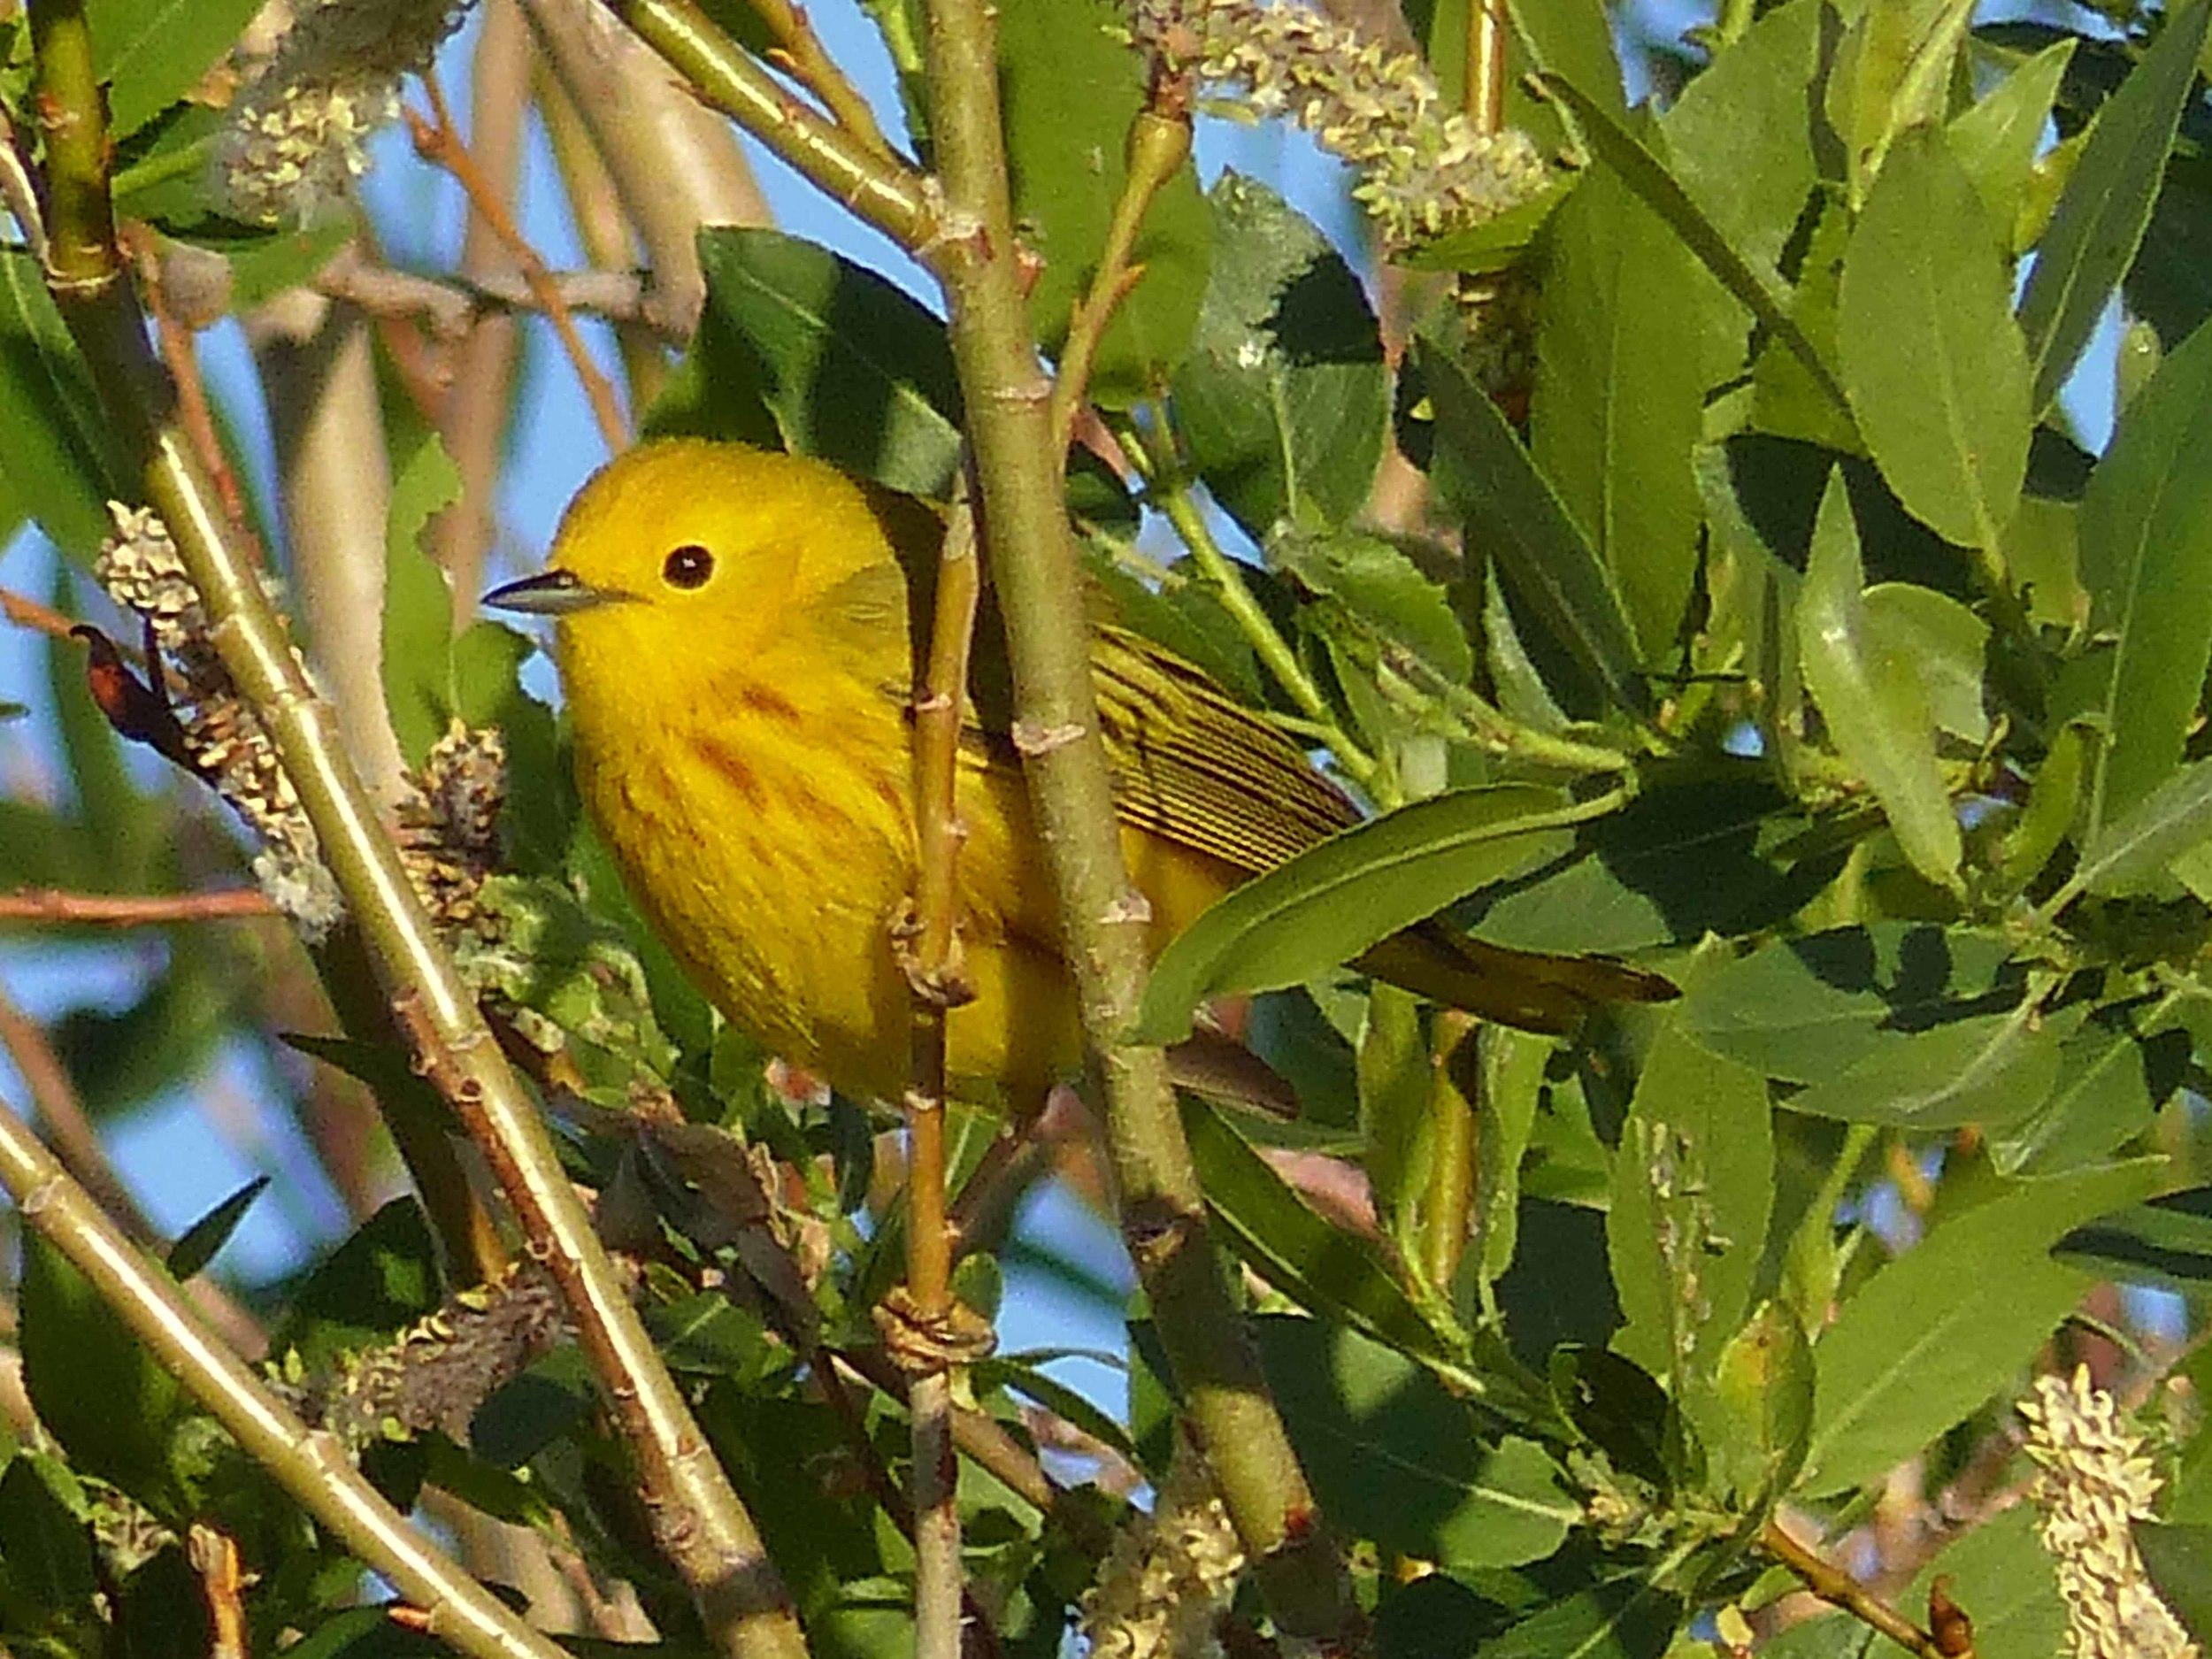 bc P1160056 Yellow Warbler.jpg